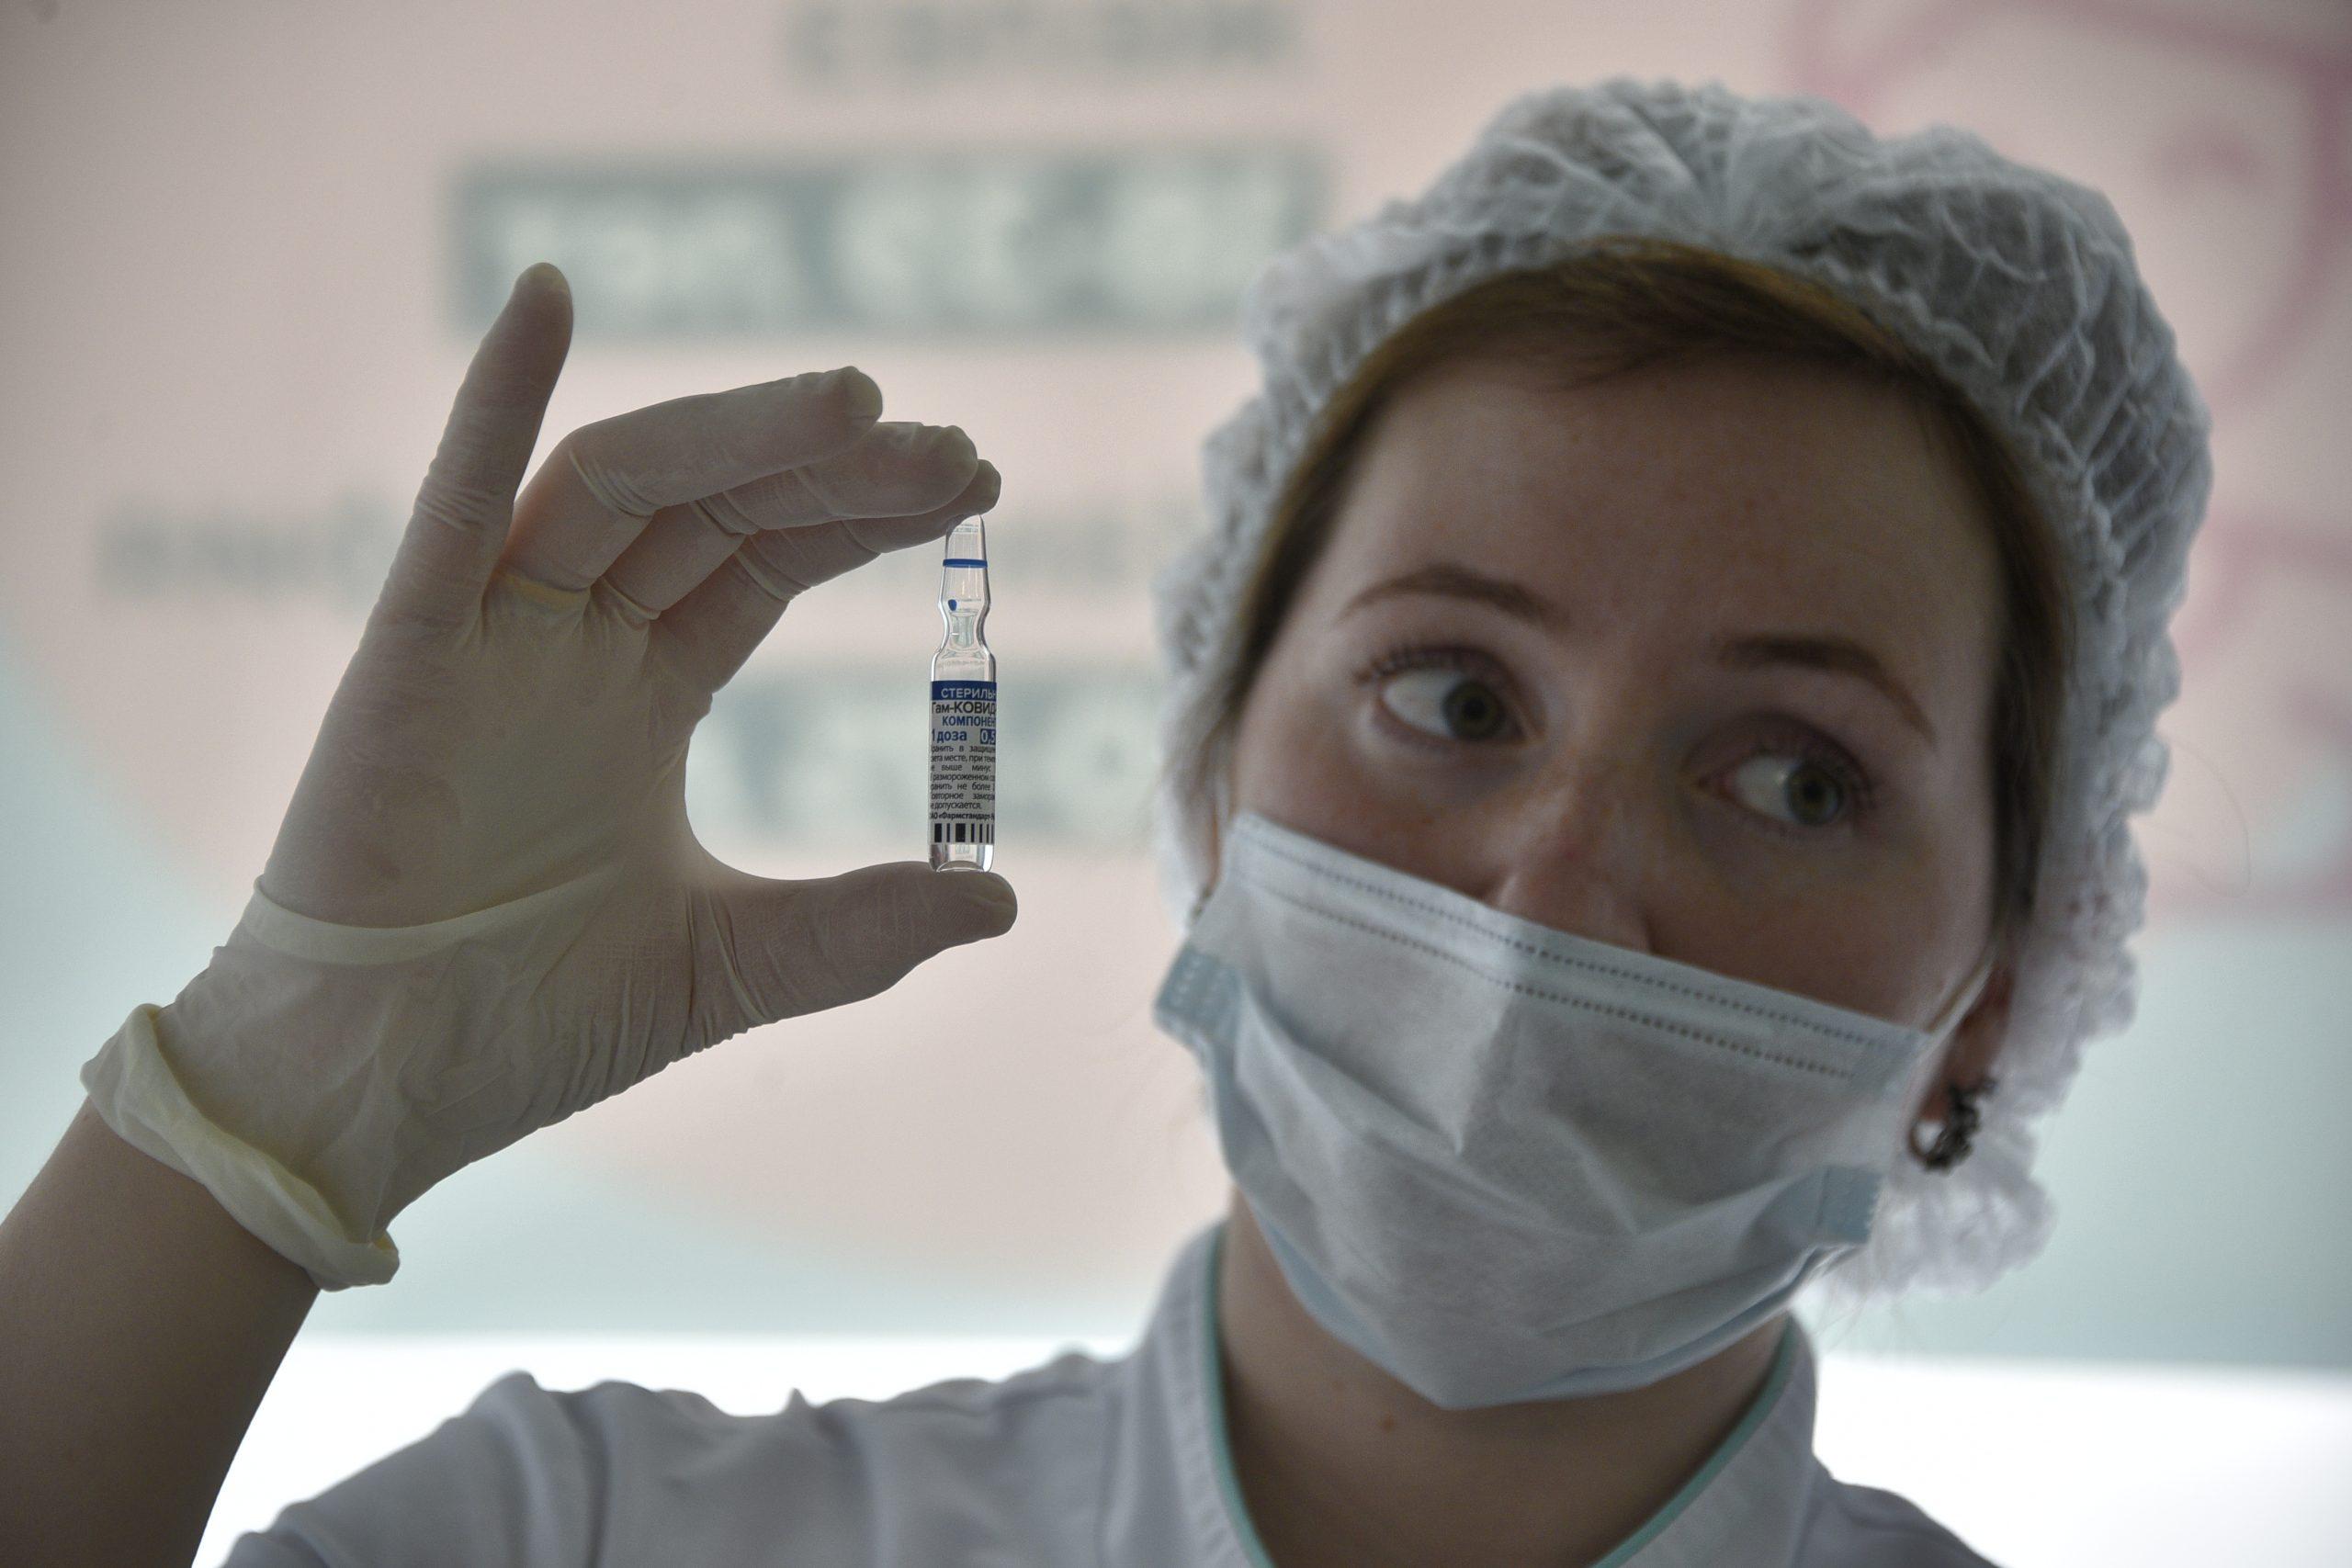 За минувшие сутки в России зарегистрировали 23 120 случаев заражения коронавирусом